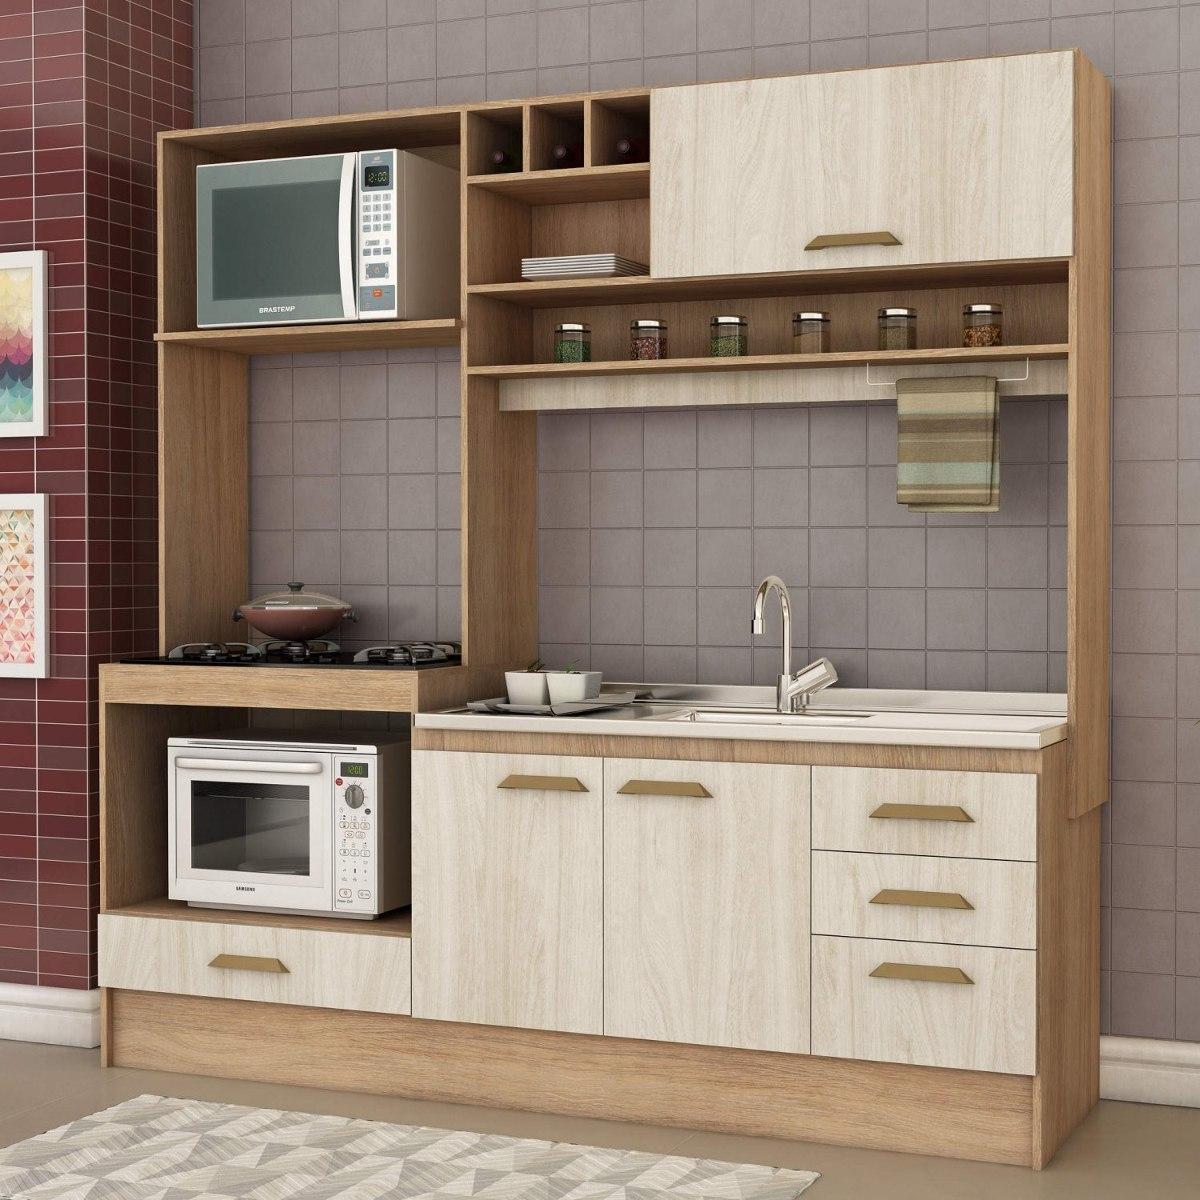 Cozinha Compacta Sem Pia E Tampo 4 Portas 3 Gavetas Bd R 559 90